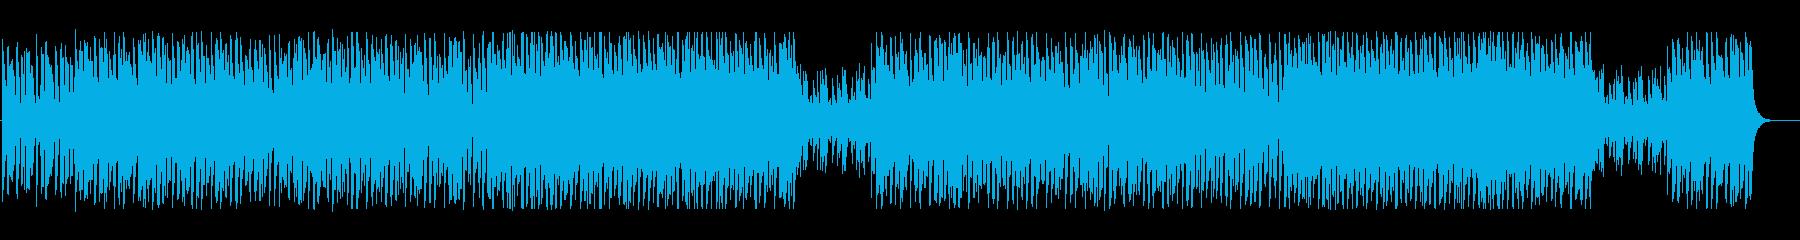 緊迫感や迷いをイメージしたテクノBGMの再生済みの波形